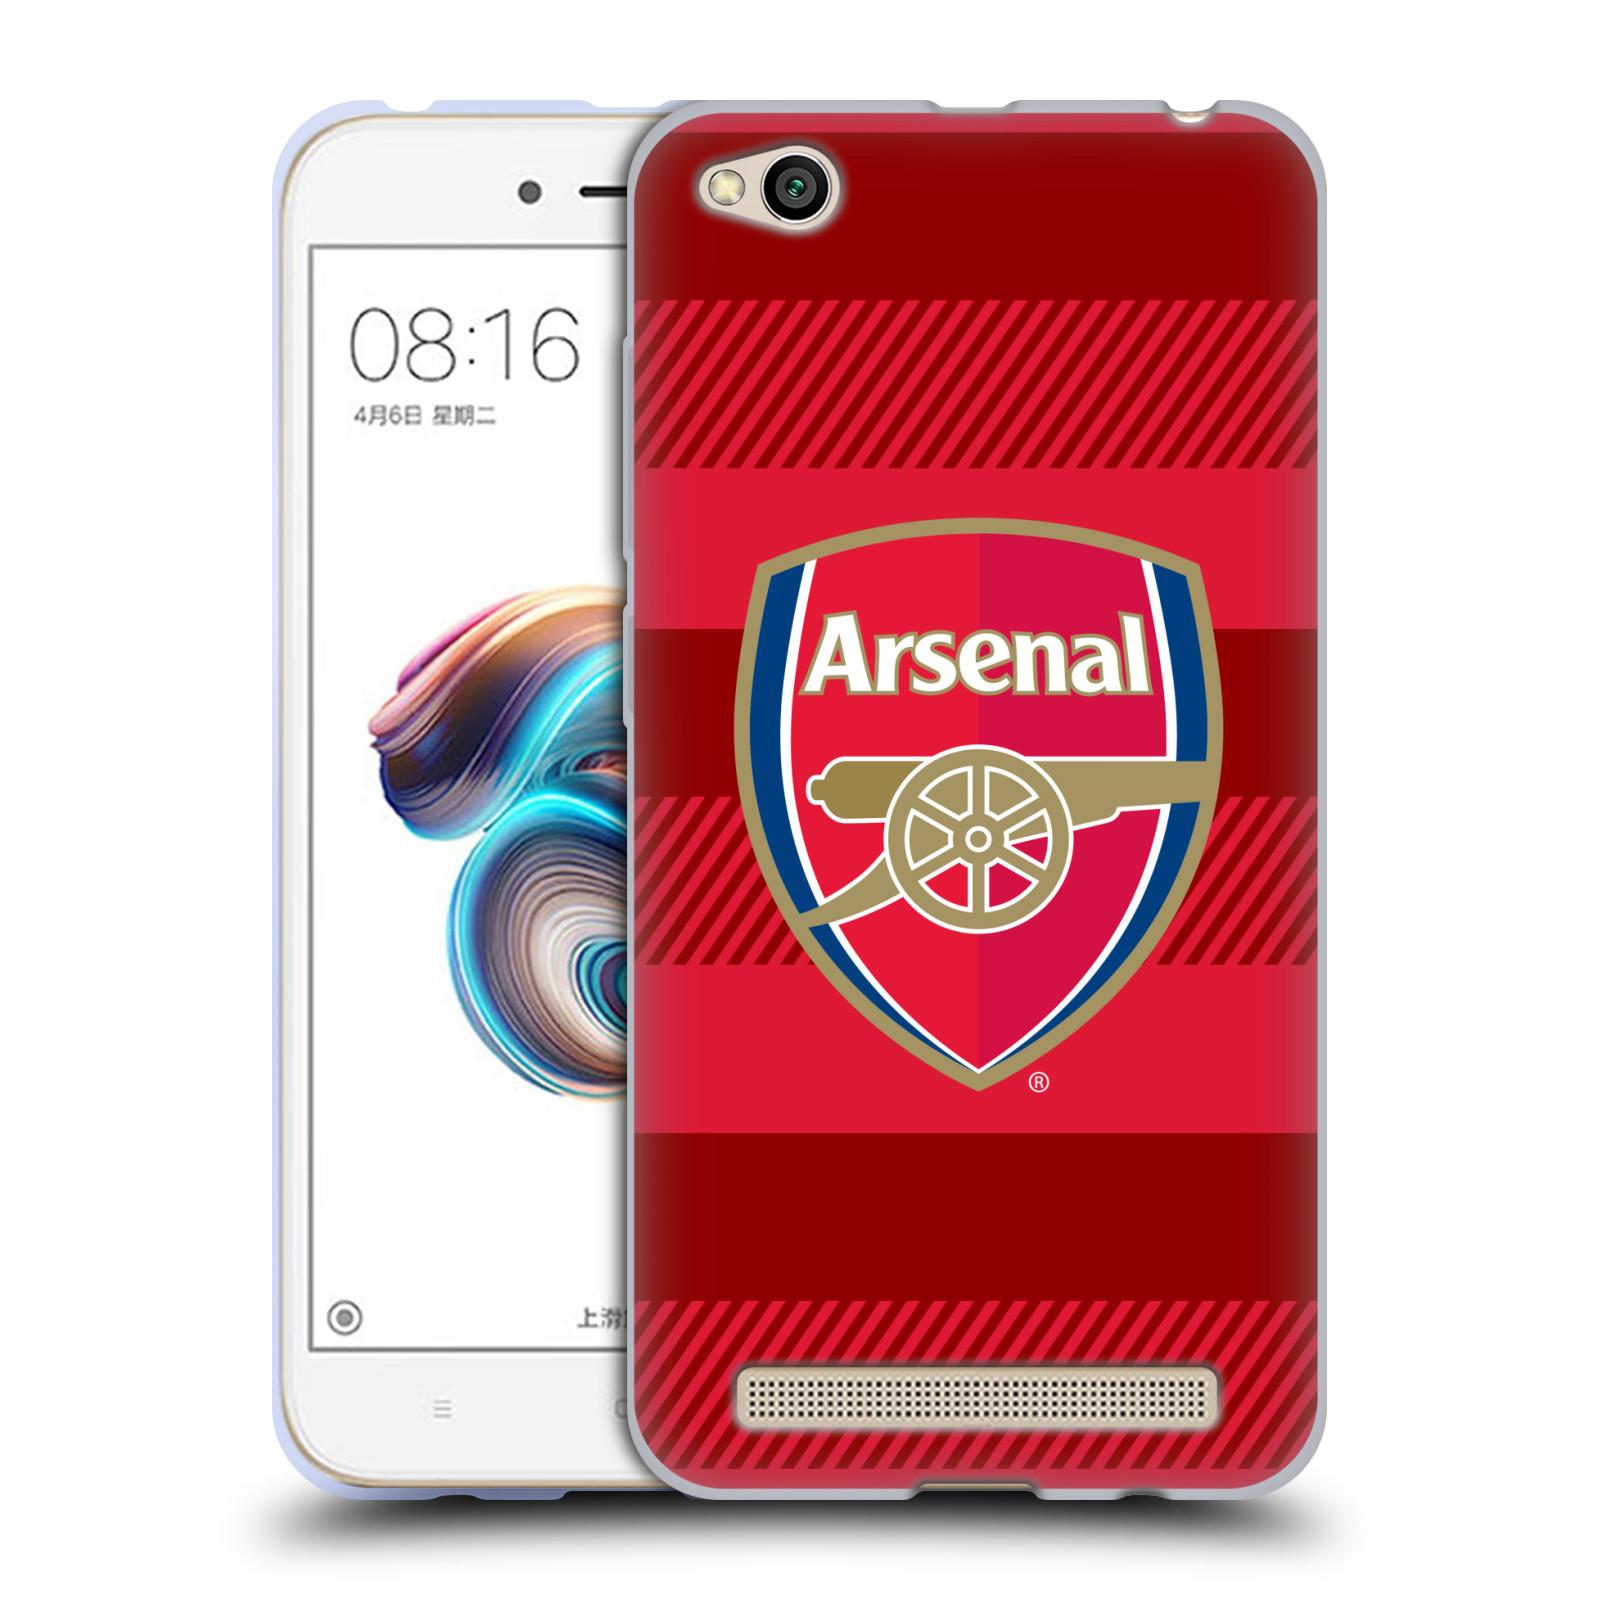 Silikonové pouzdro na mobil Xiaomi Redmi 5A - Head Case - Arsenal FC - Logo s pruhy